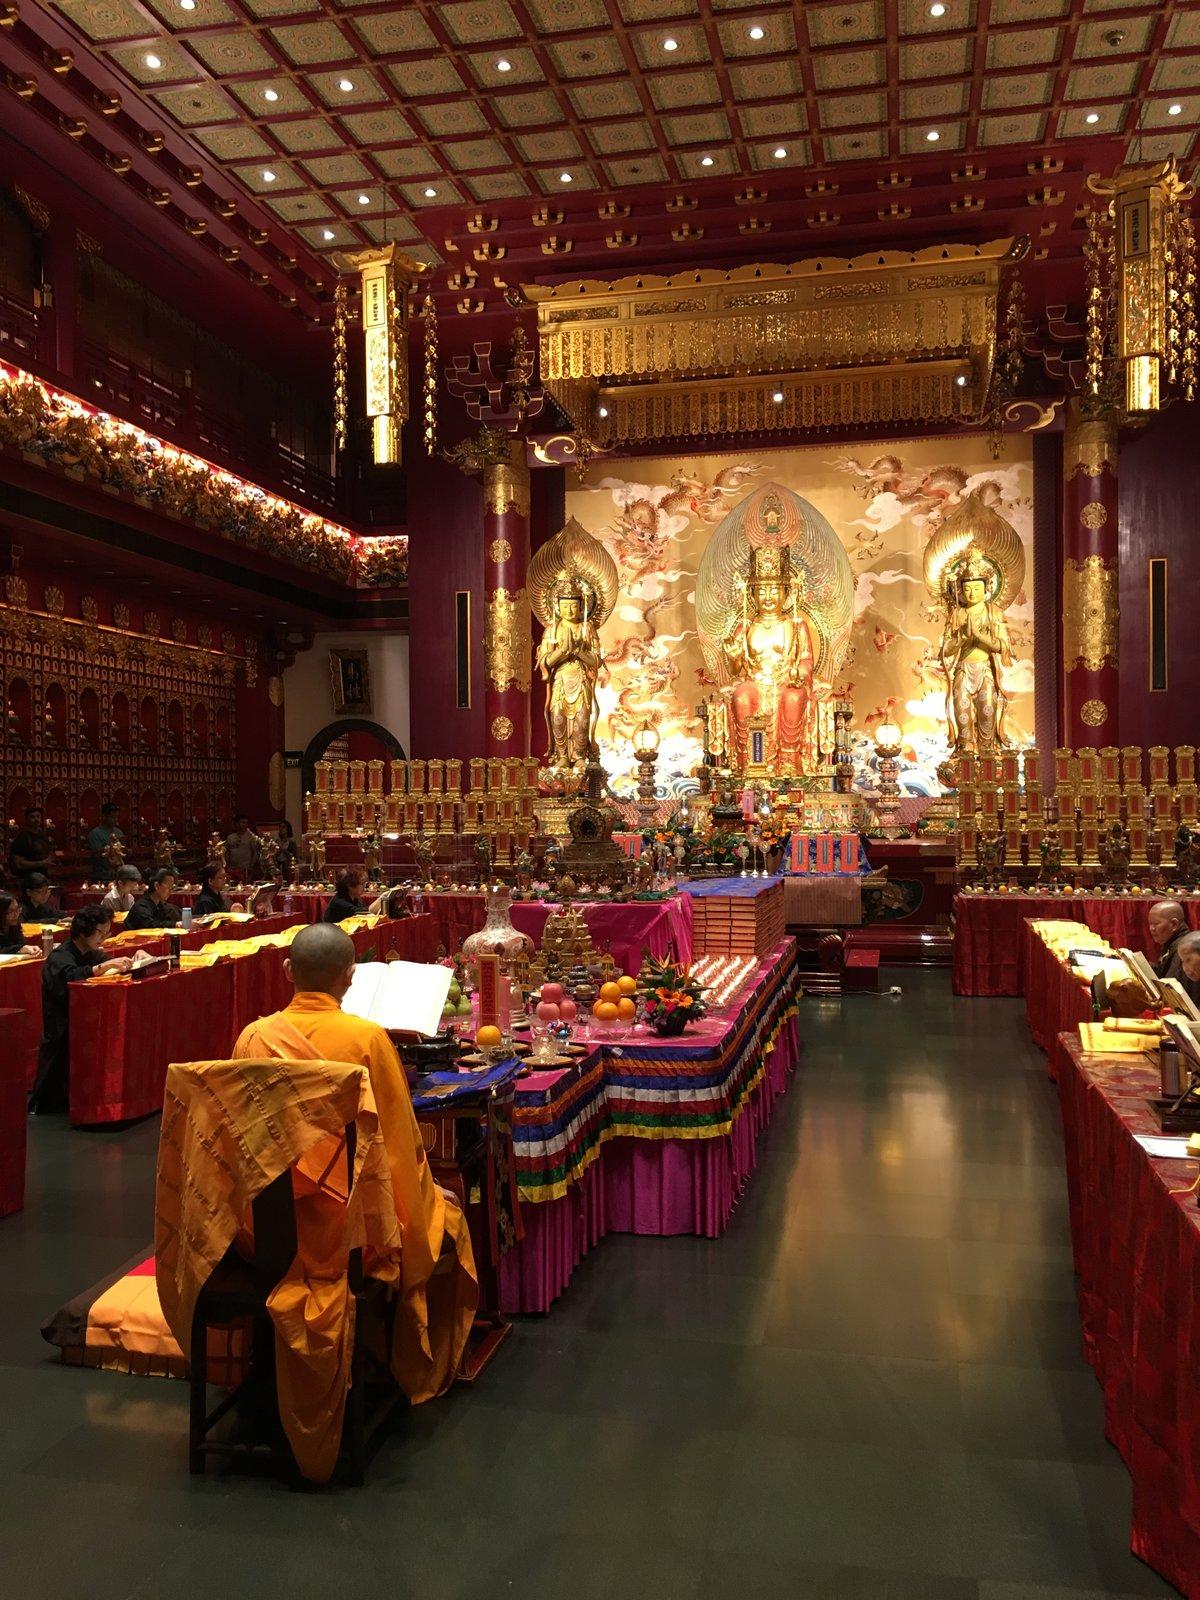 interiér buddhistického chrámu v China Town